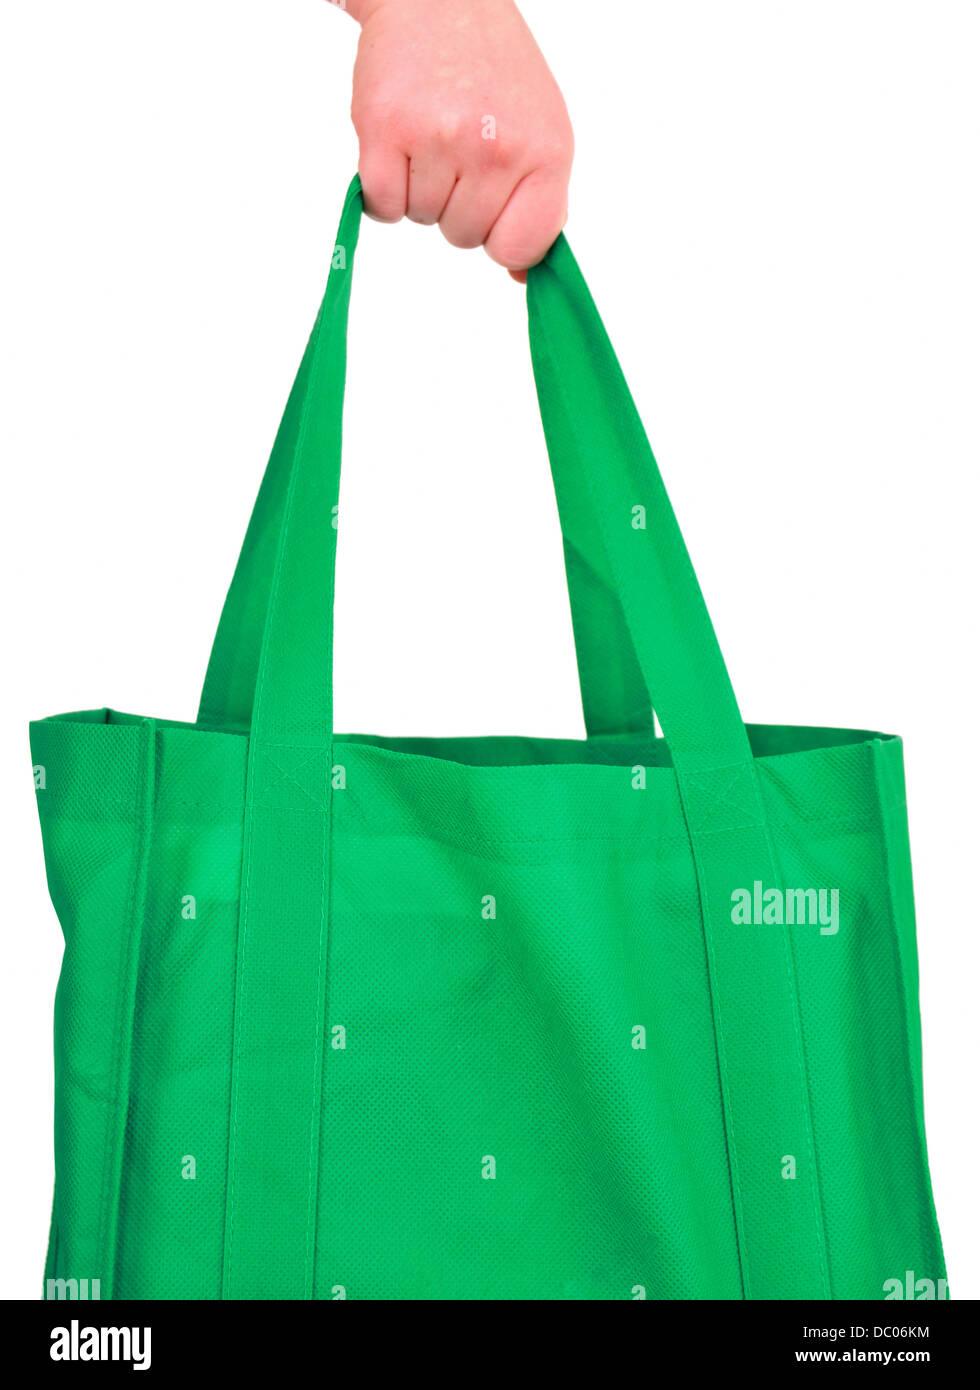 Sac réutilisable vert Photo Stock